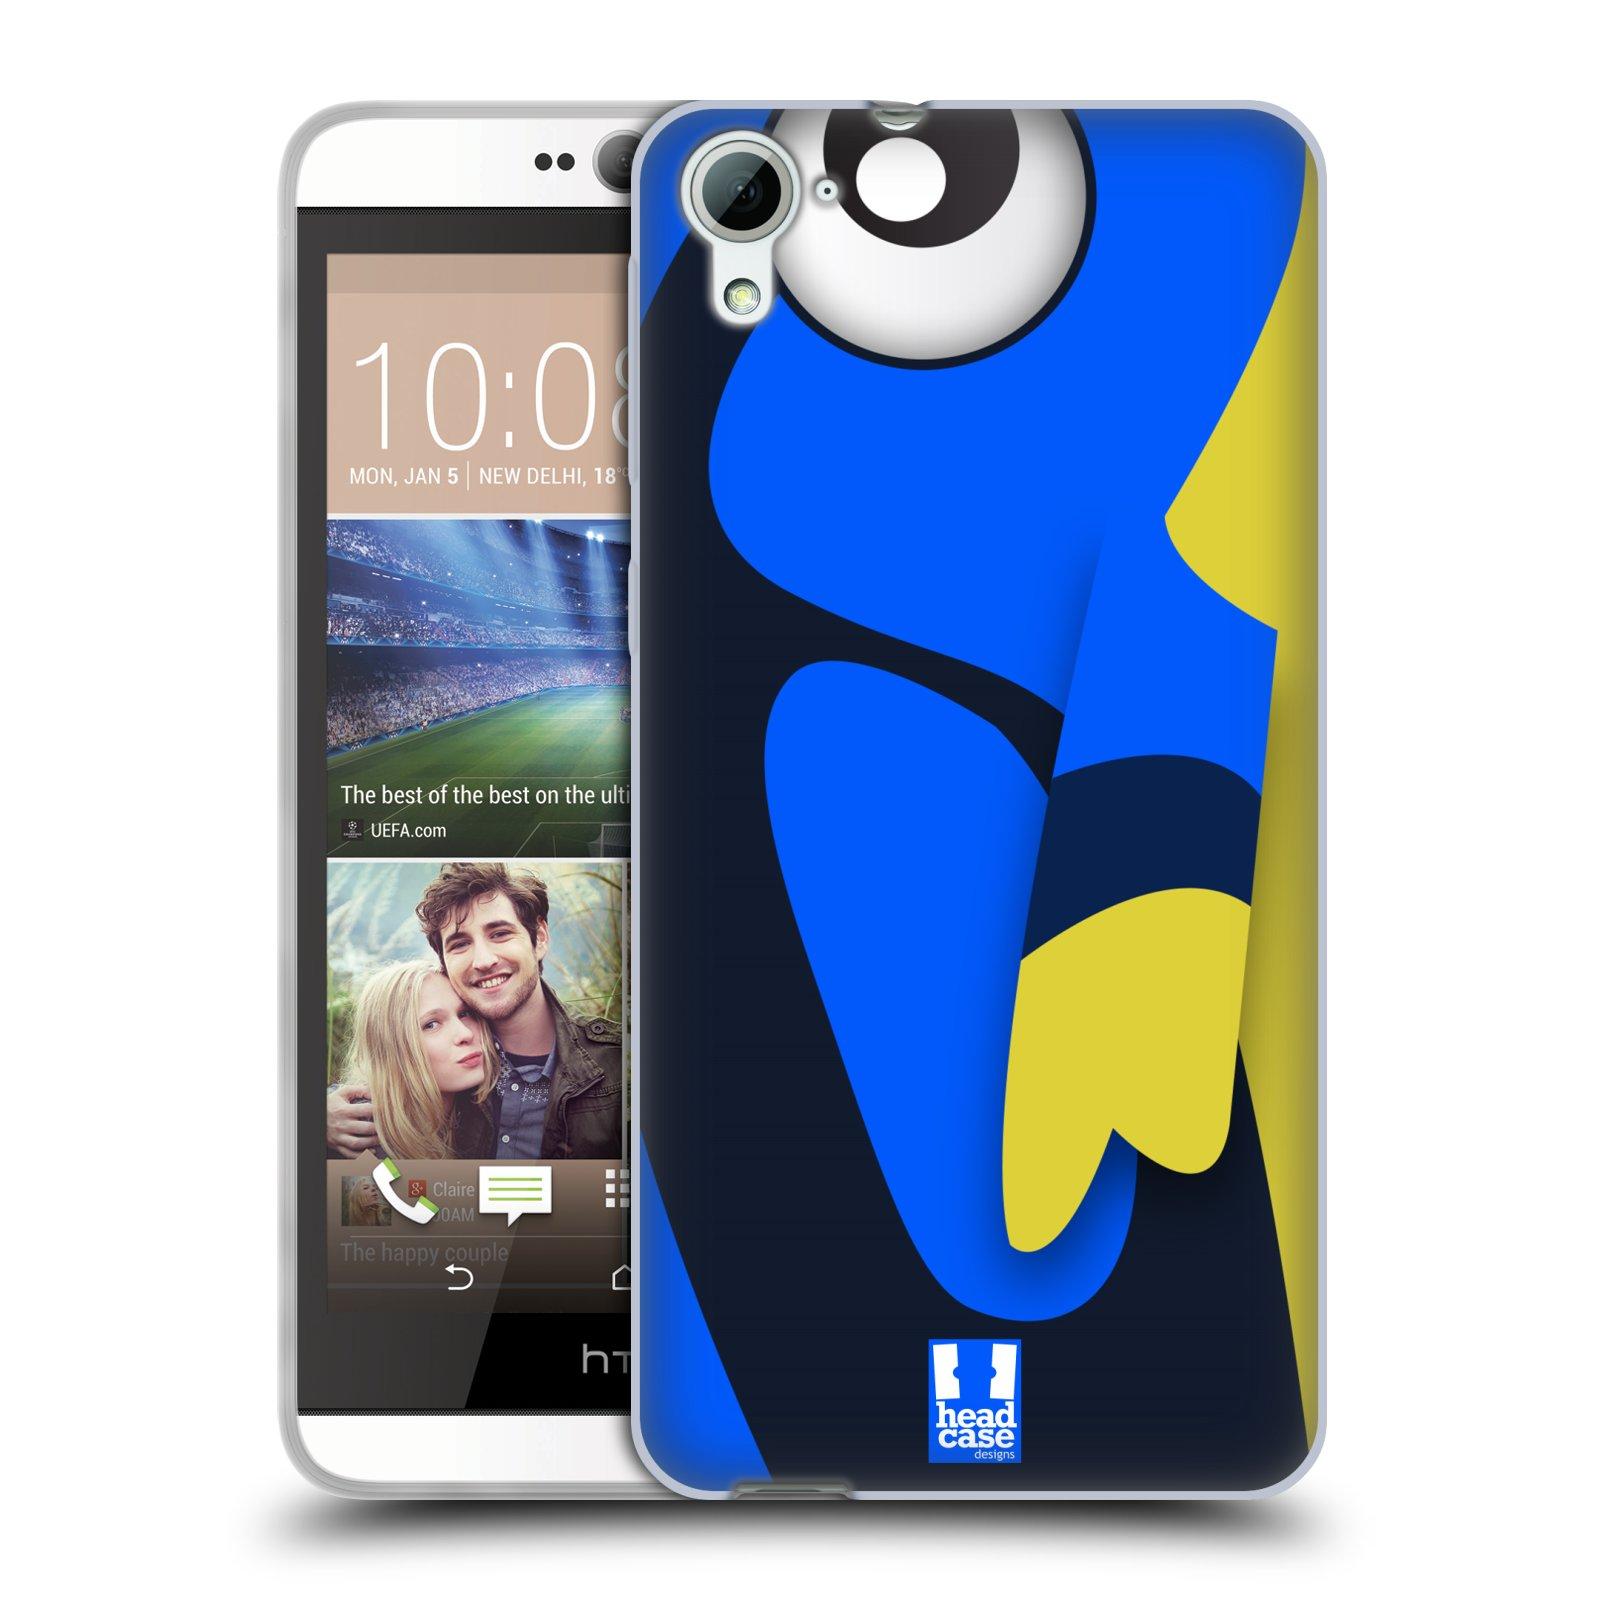 HEAD CASE silikonový obal na mobil HTC DESIRE 826 vzor Rybičky z profilu modrá a žlutá Dory